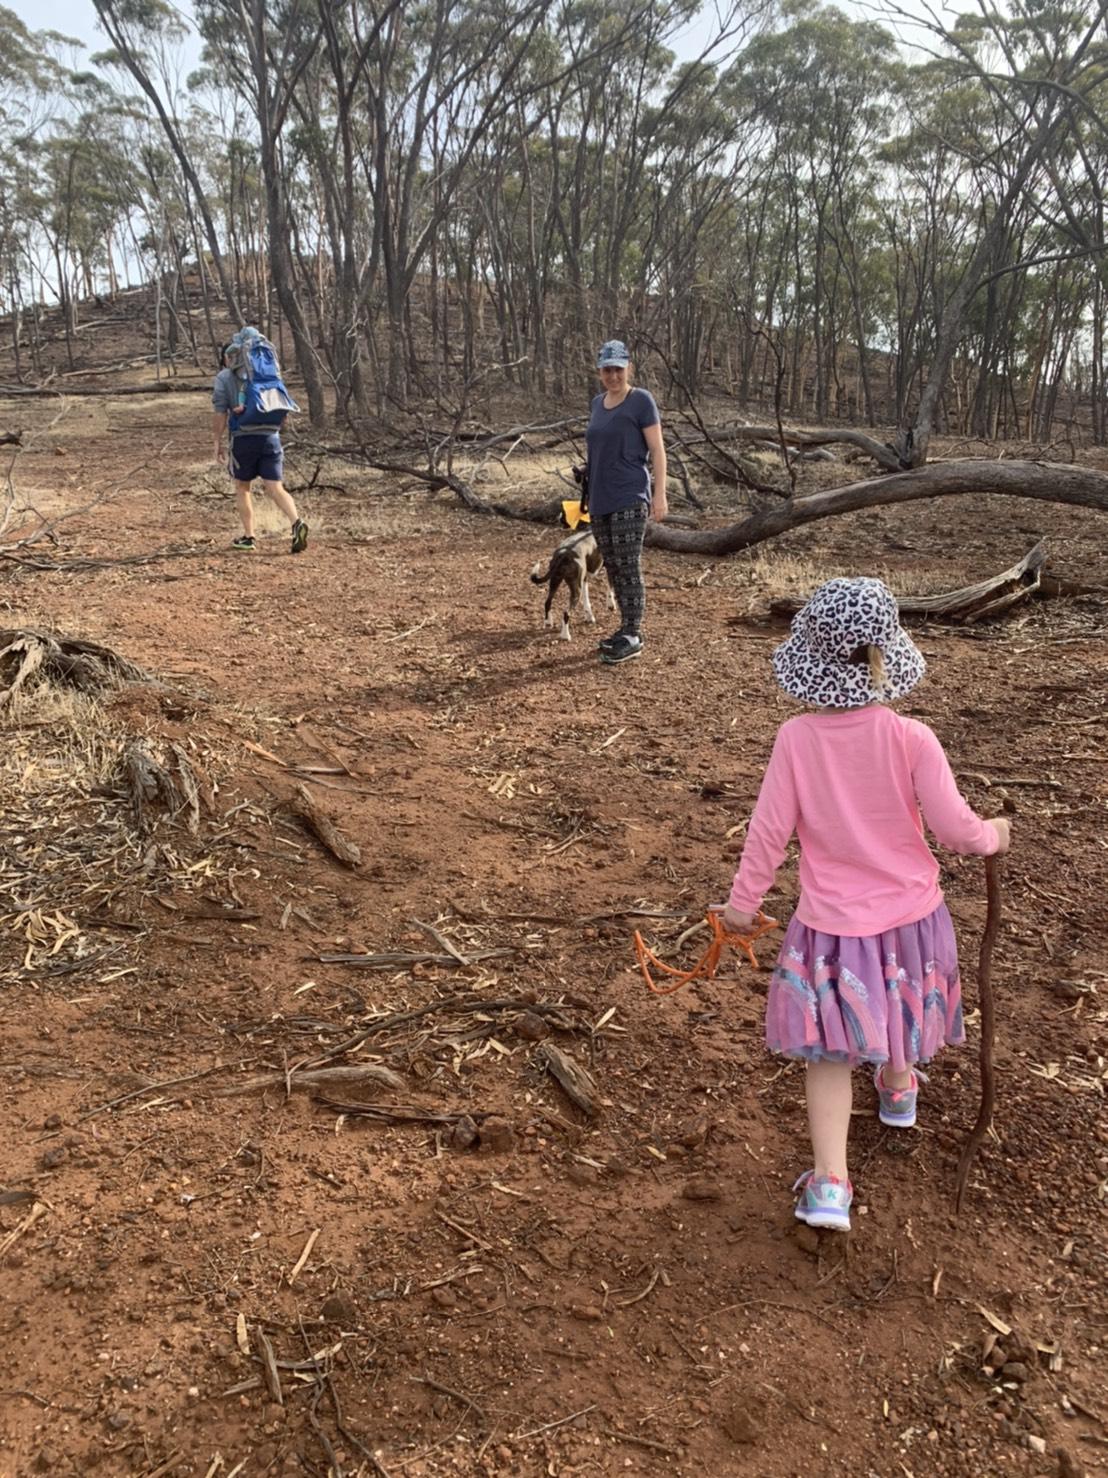 オーストラリアオーペア、田舎ならではの貴重な体験と楽しみ方